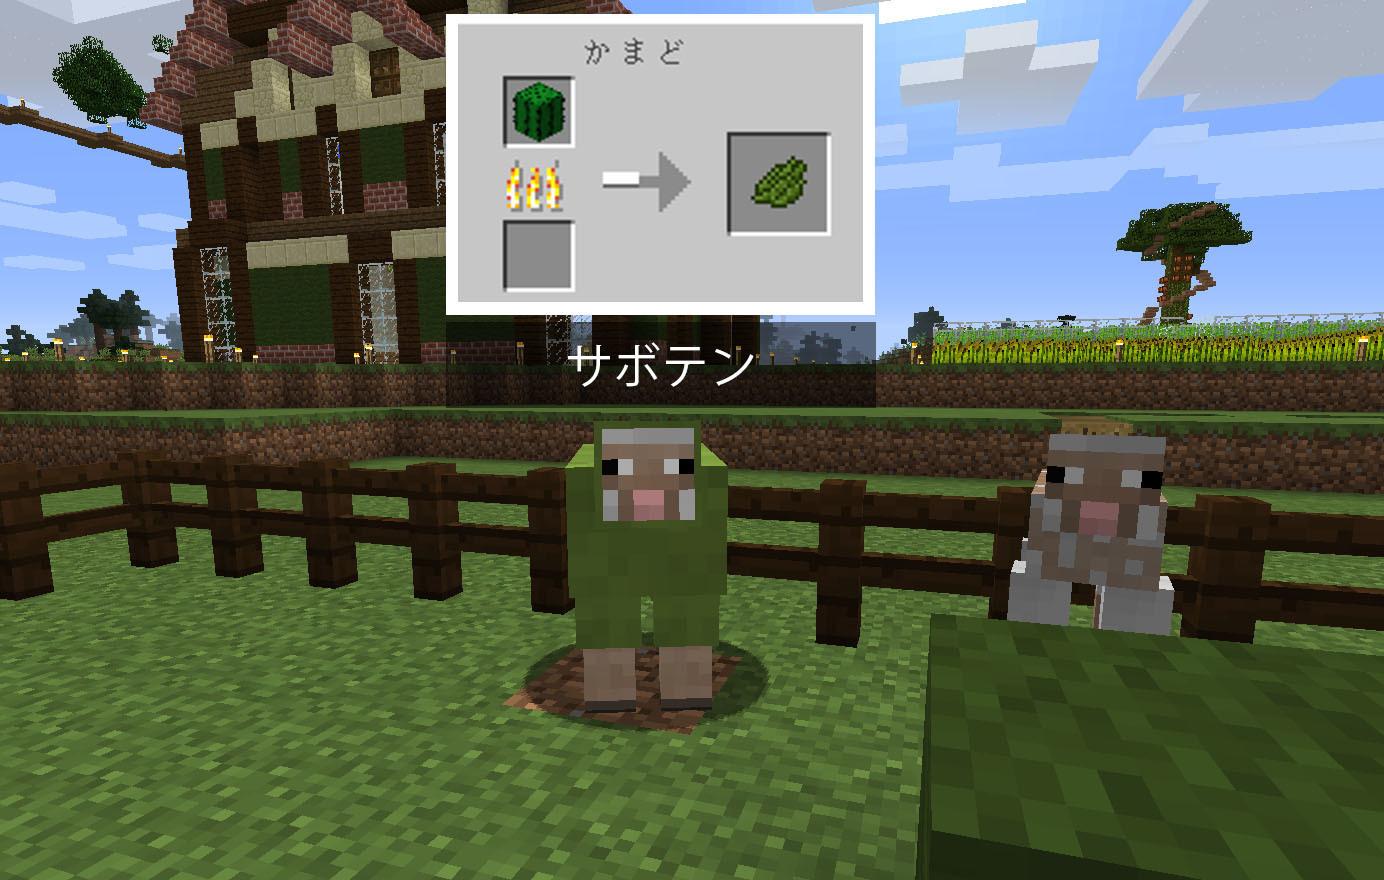 緑 ひつじ.jpg